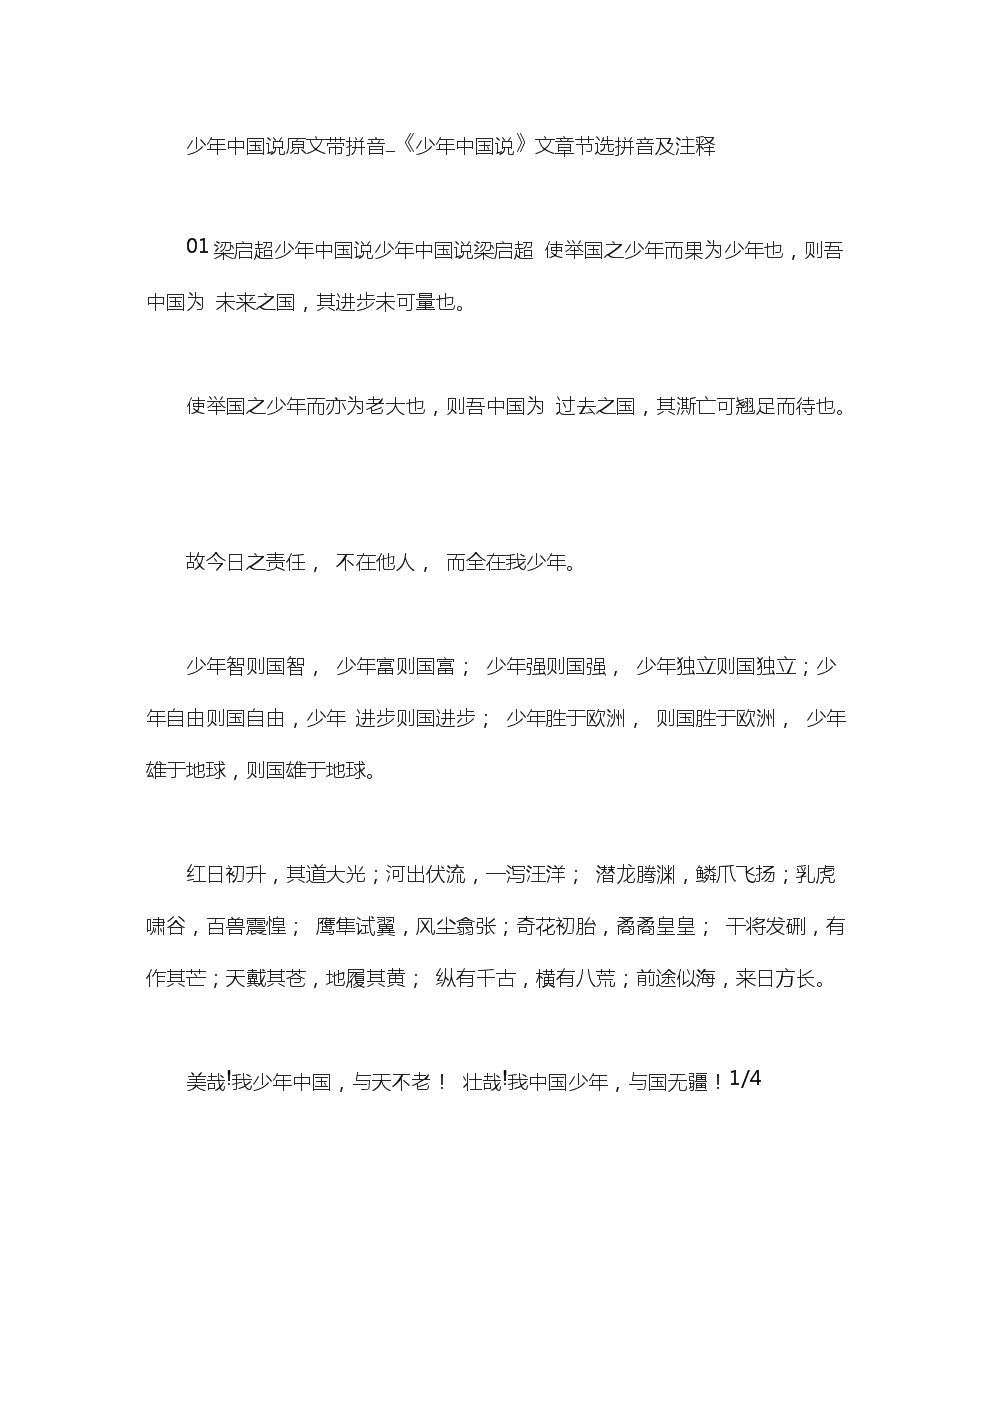 少年中国说原文带拼音.doc